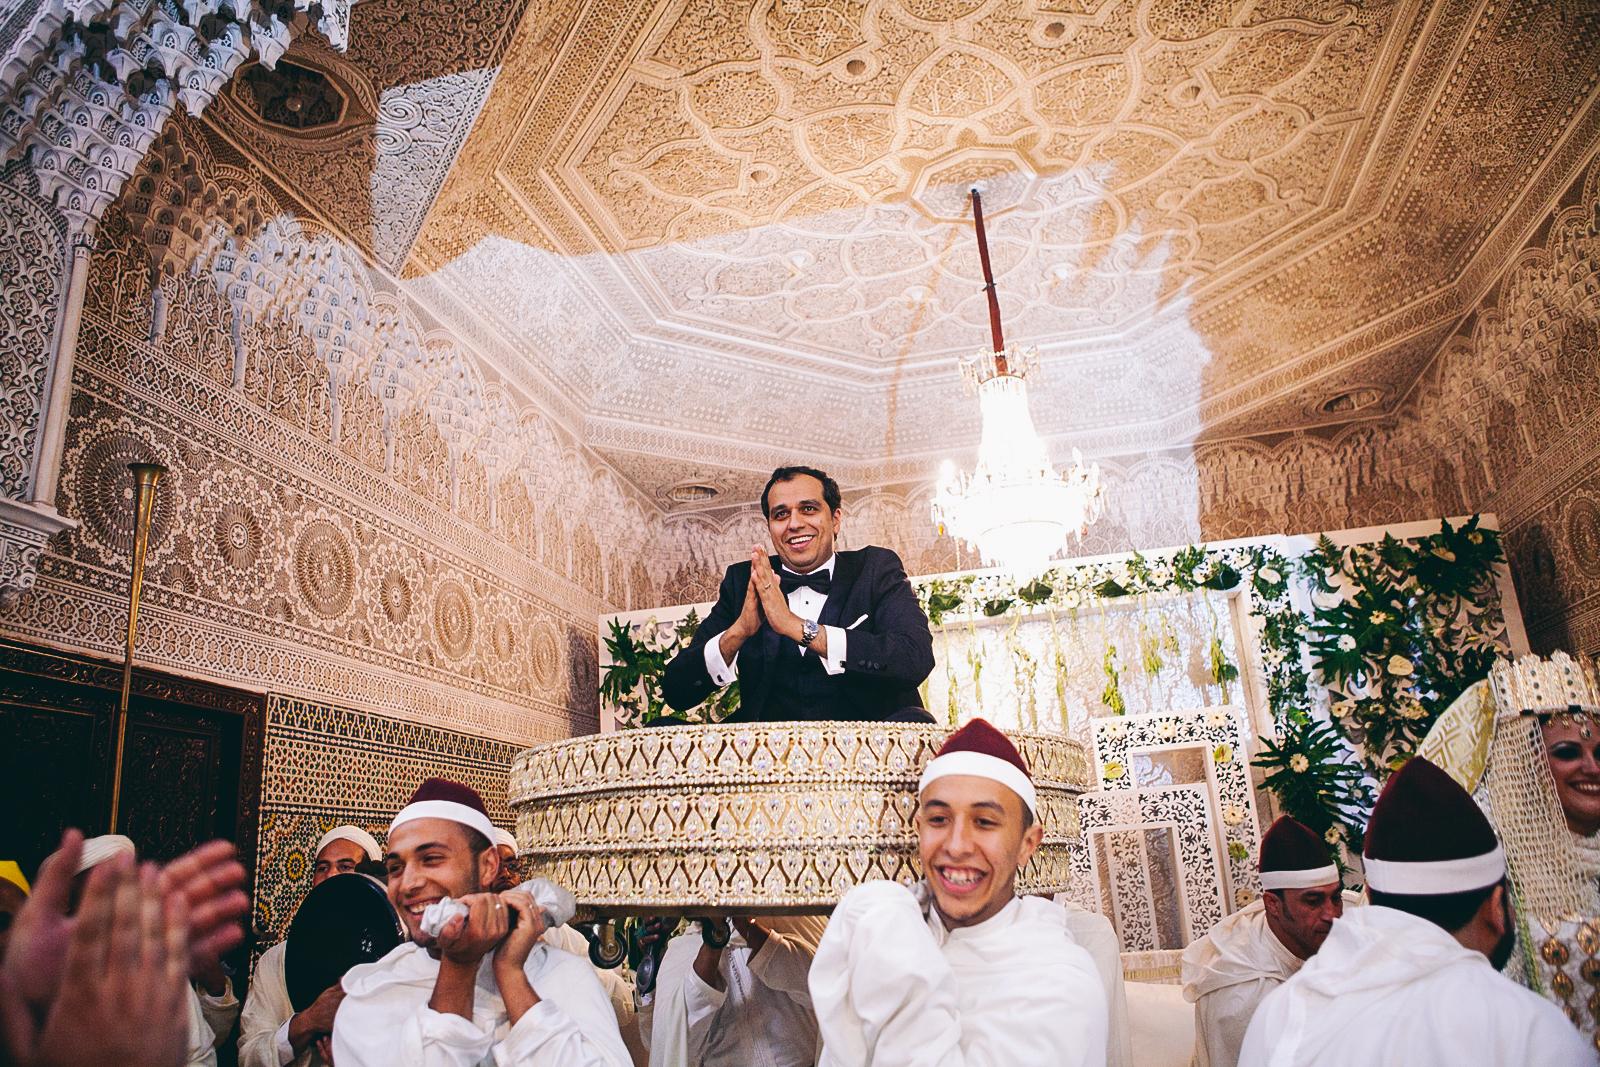 traditional_moroccan_wedding_photographry_casablanca_morocco_houda_vivek_ebony_siovhan_bokeh_photography_111.jpg